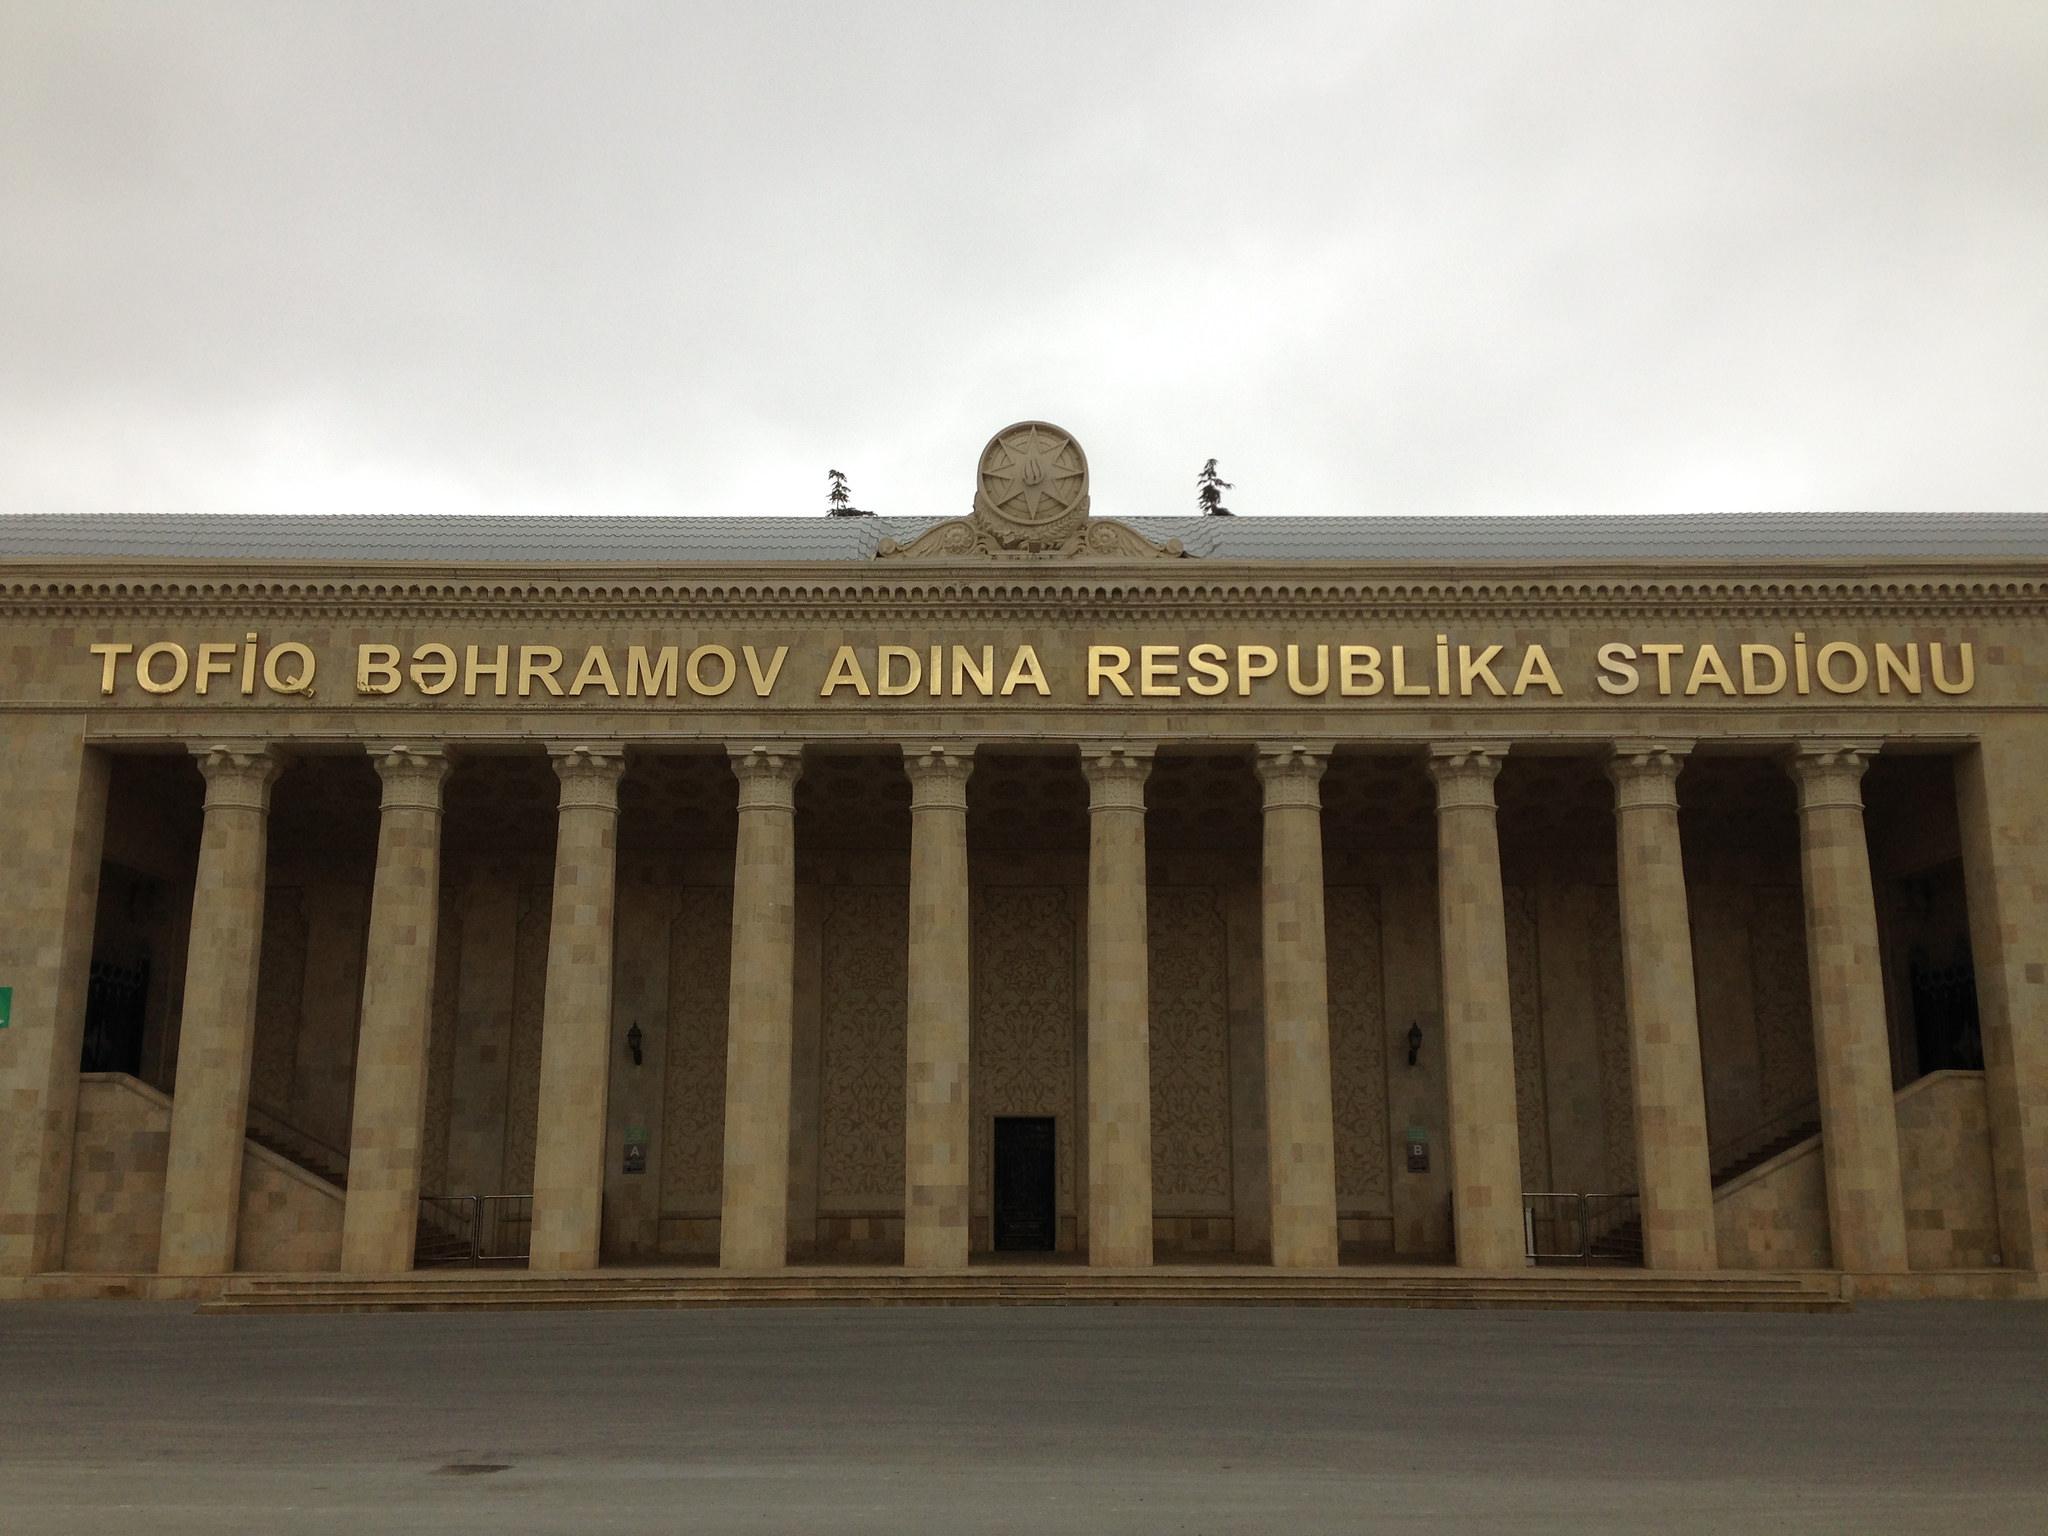 Das Nationalstadion von Aserbaidschan in Baku trägt den Namen von Tofiq Bahramov.